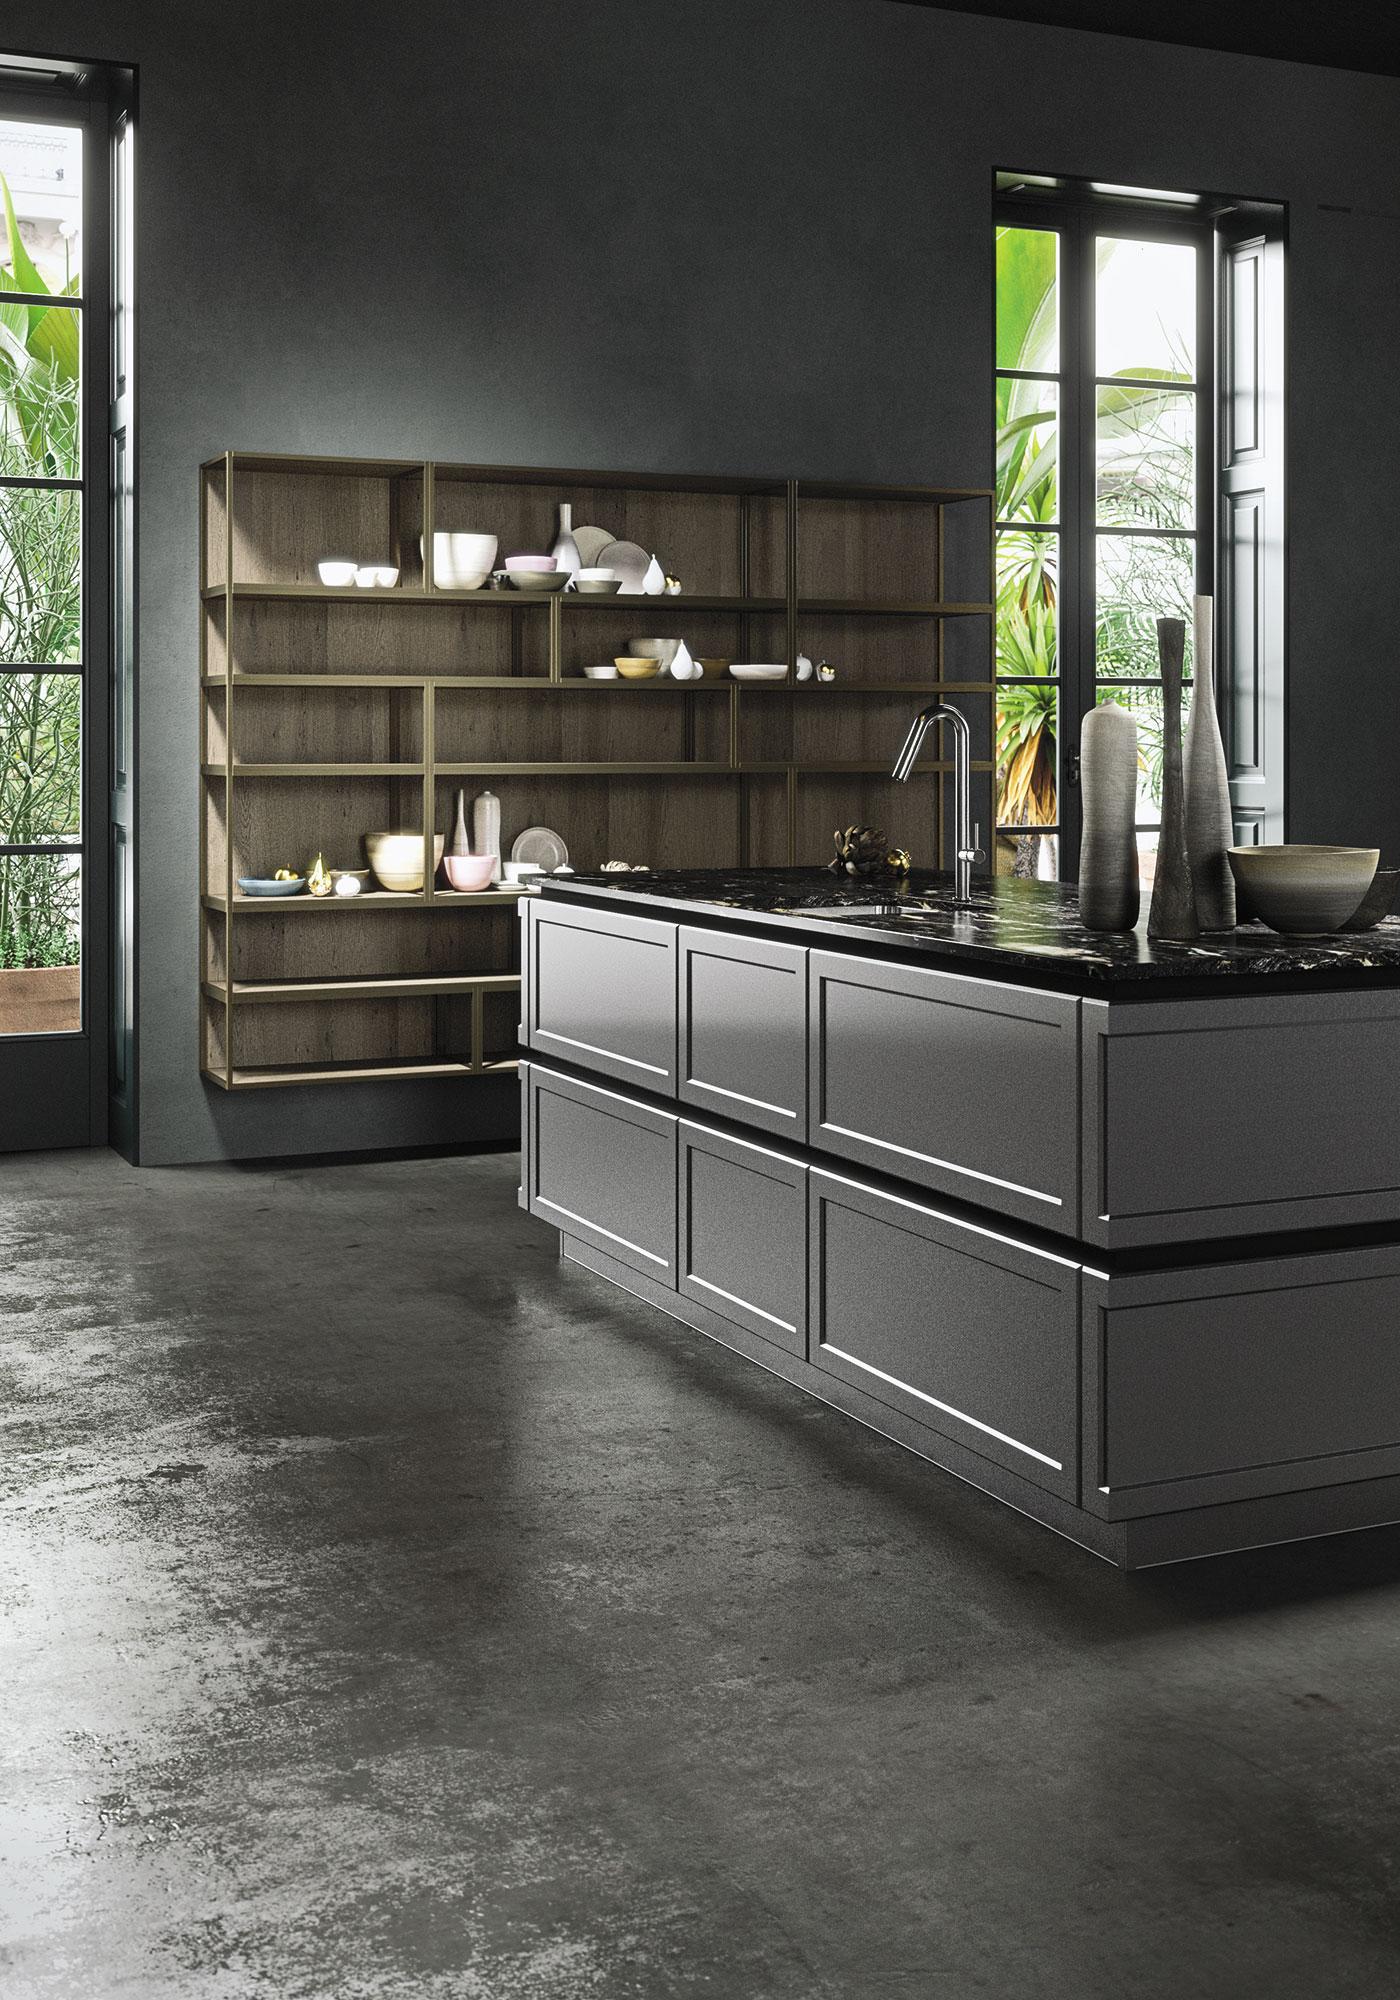 cucine-classiche-con-isola-frame-snaidero-dettaglio-1